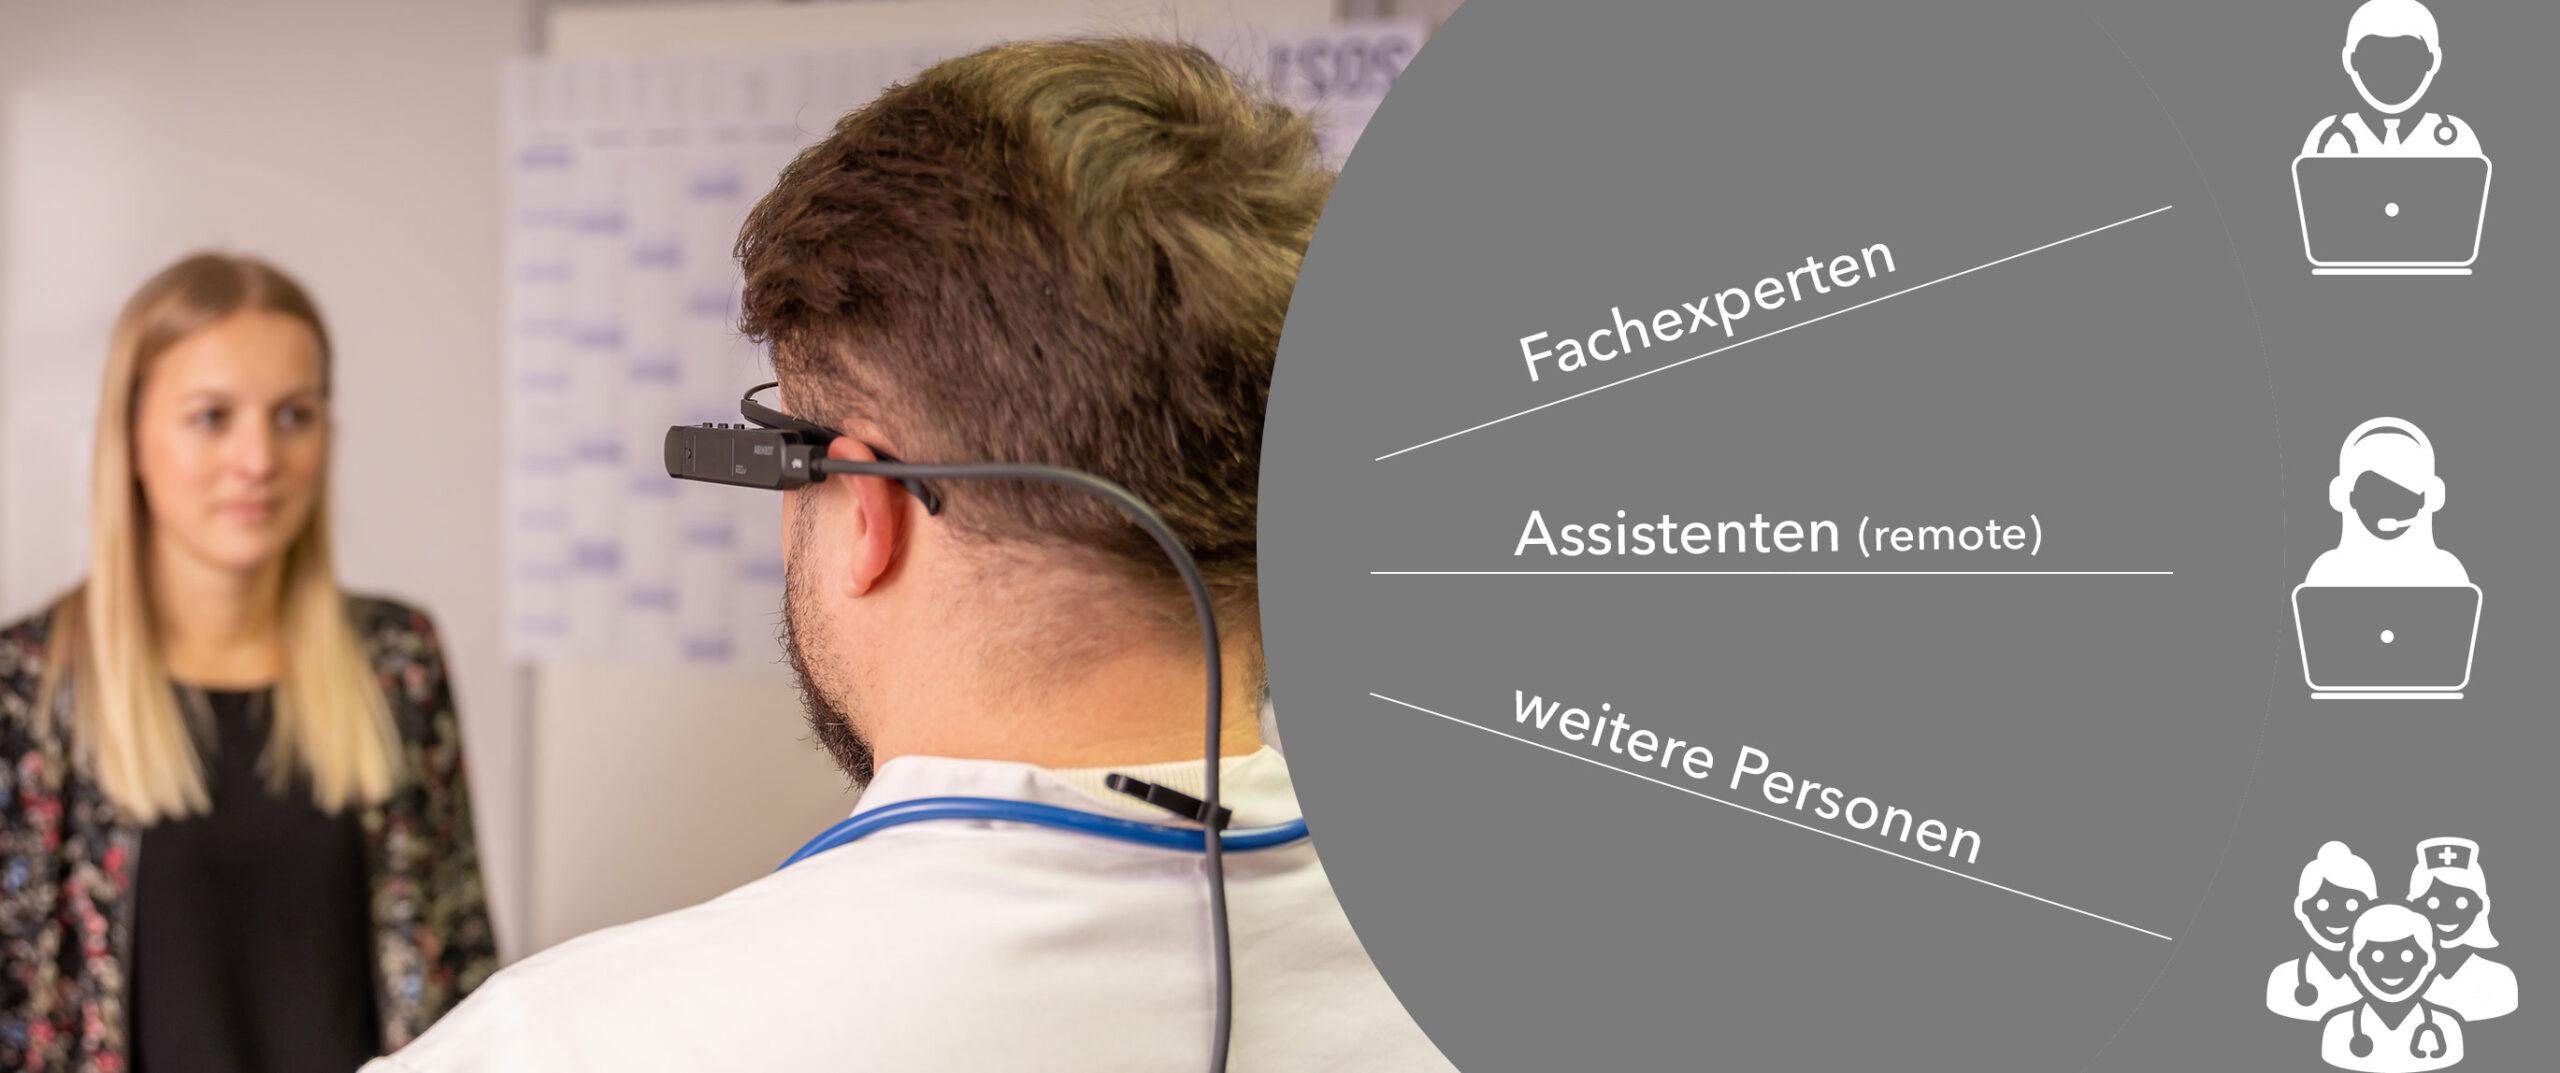 Arzt untersucht mit Datenbrille Patient und hat audiovisuelle Unterstützung durch Fachexperten, Renote-Assistenten oder weitere Personen